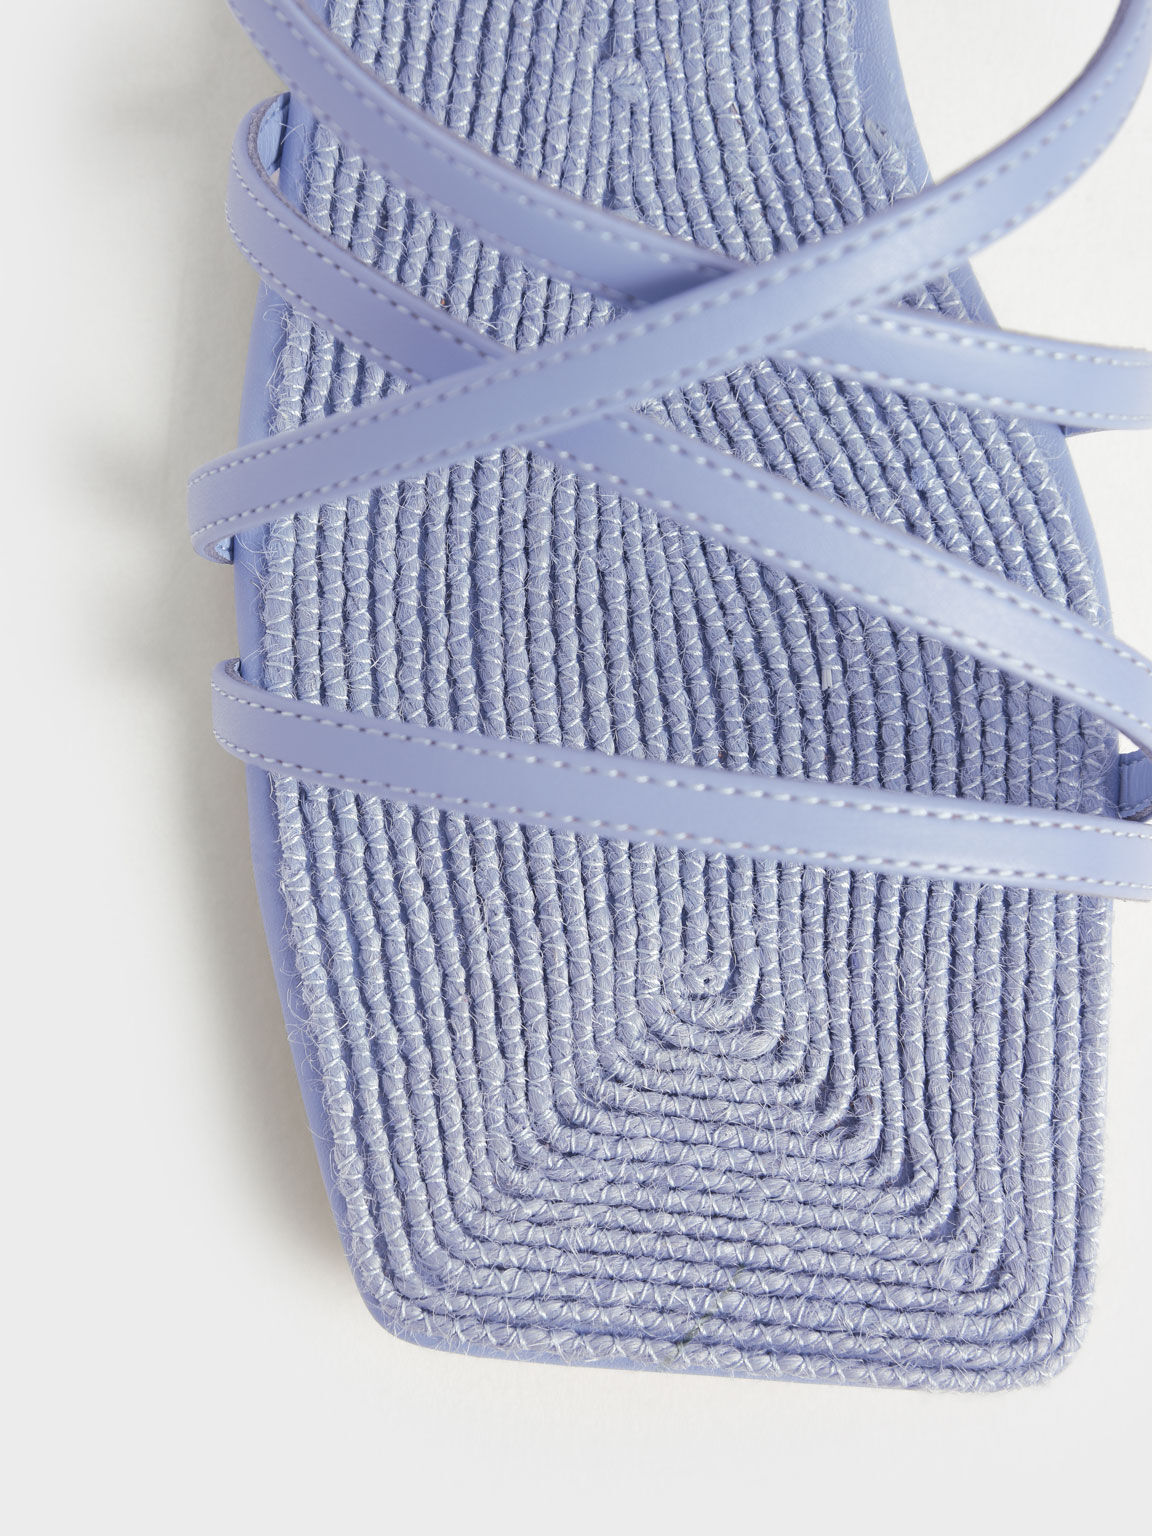 交叉帶草編方頭拖鞋, 藍色, hi-res